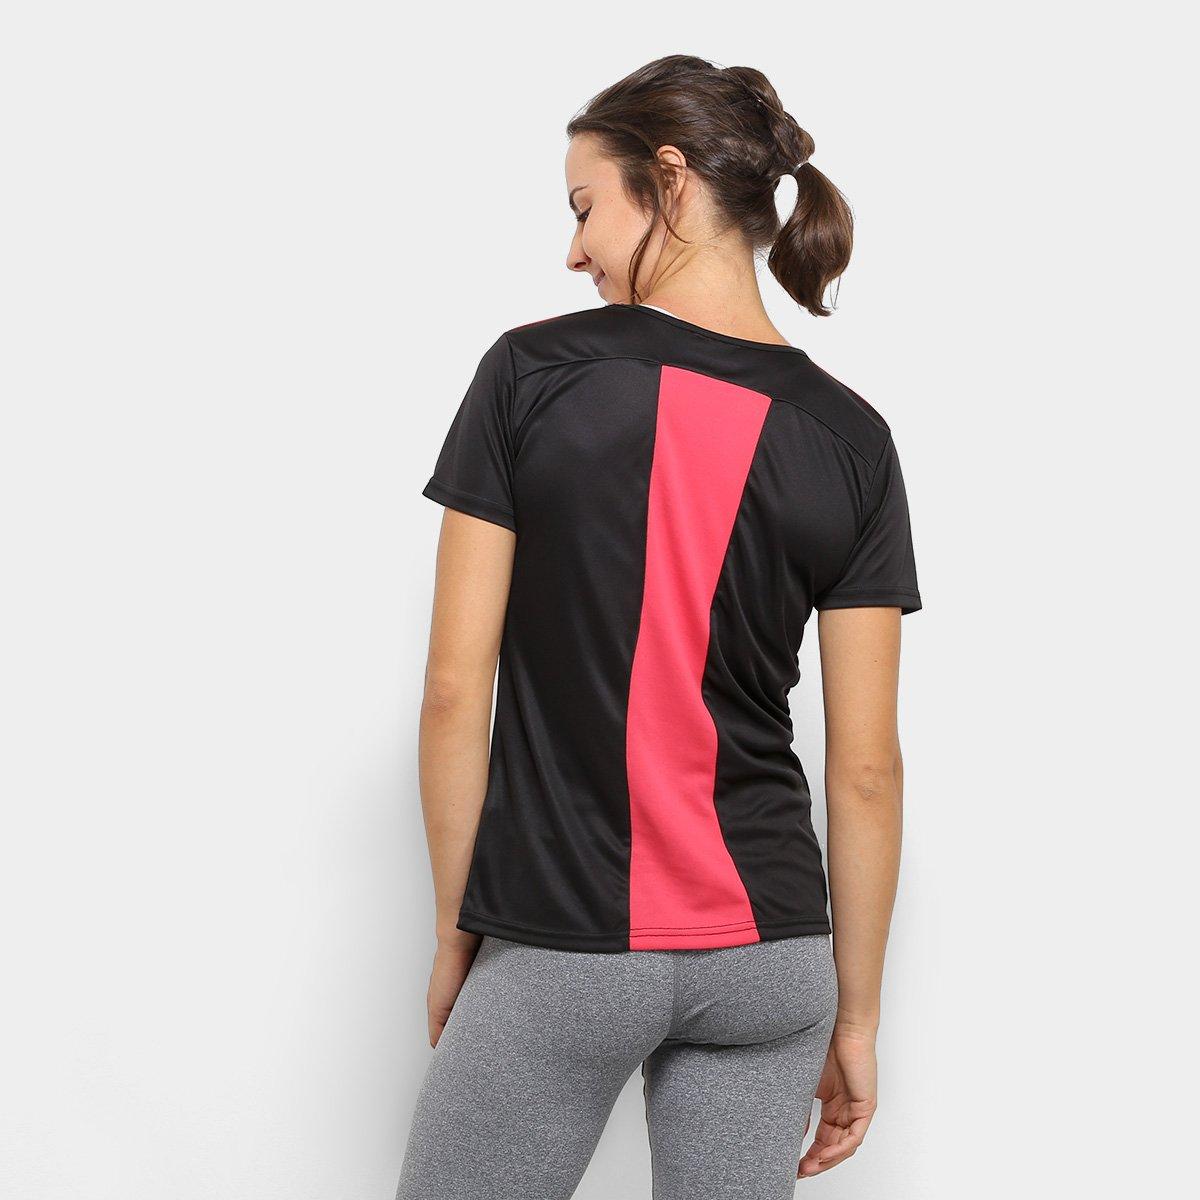 Camiseta Kappa Fluid Feminino  Camiseta Kappa Fluid Feminino ... 4c447dfeca637